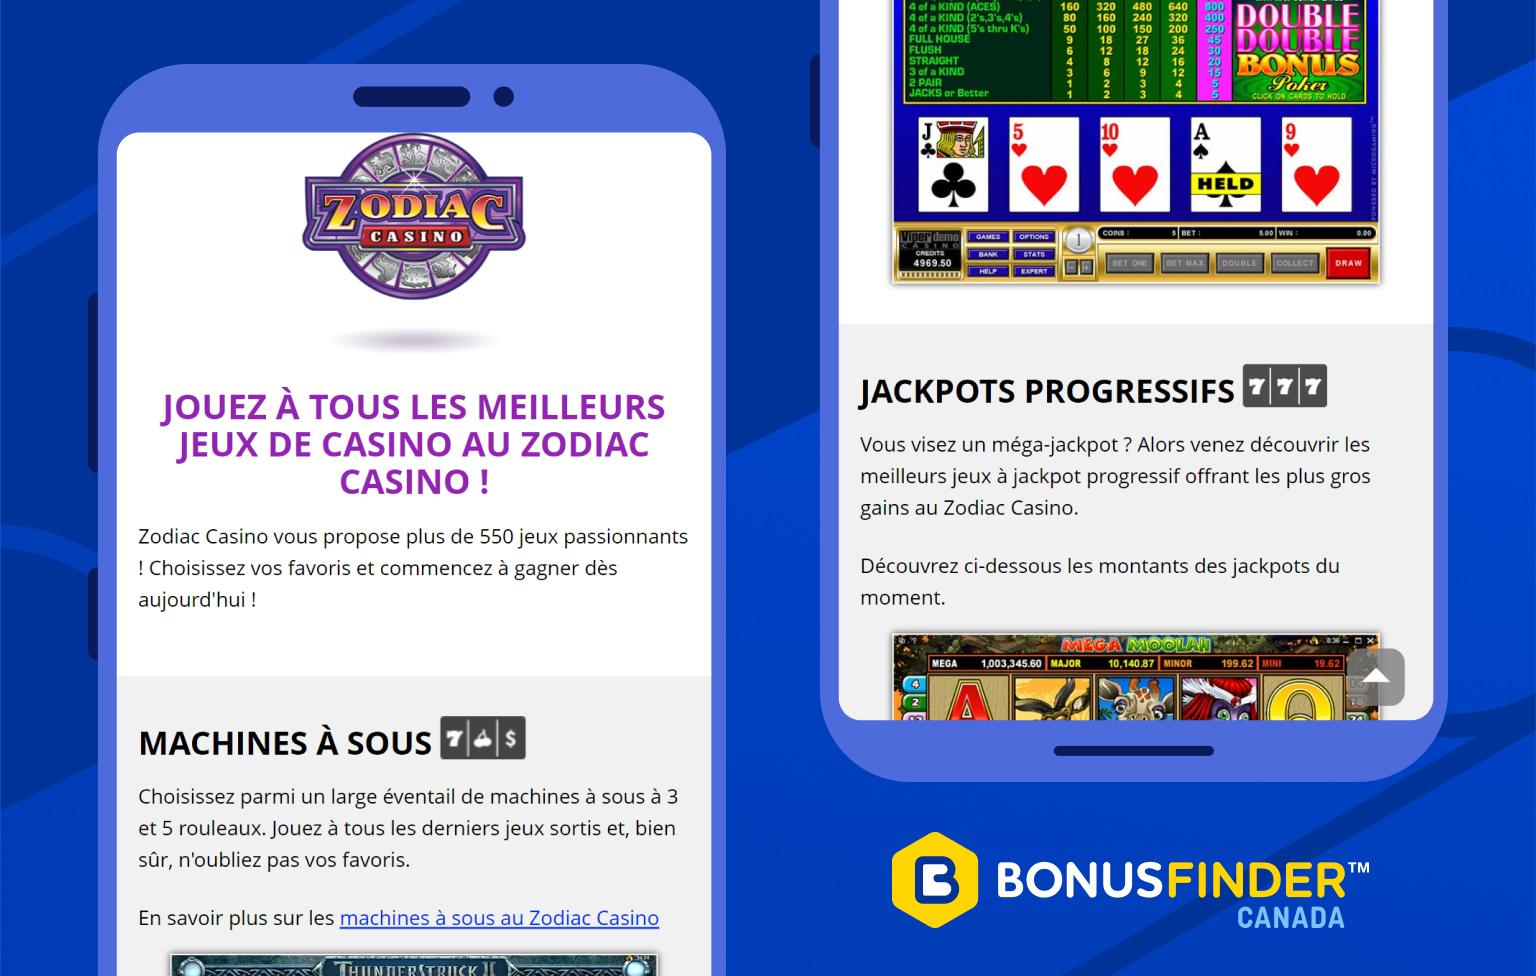 zodiac casino jeux